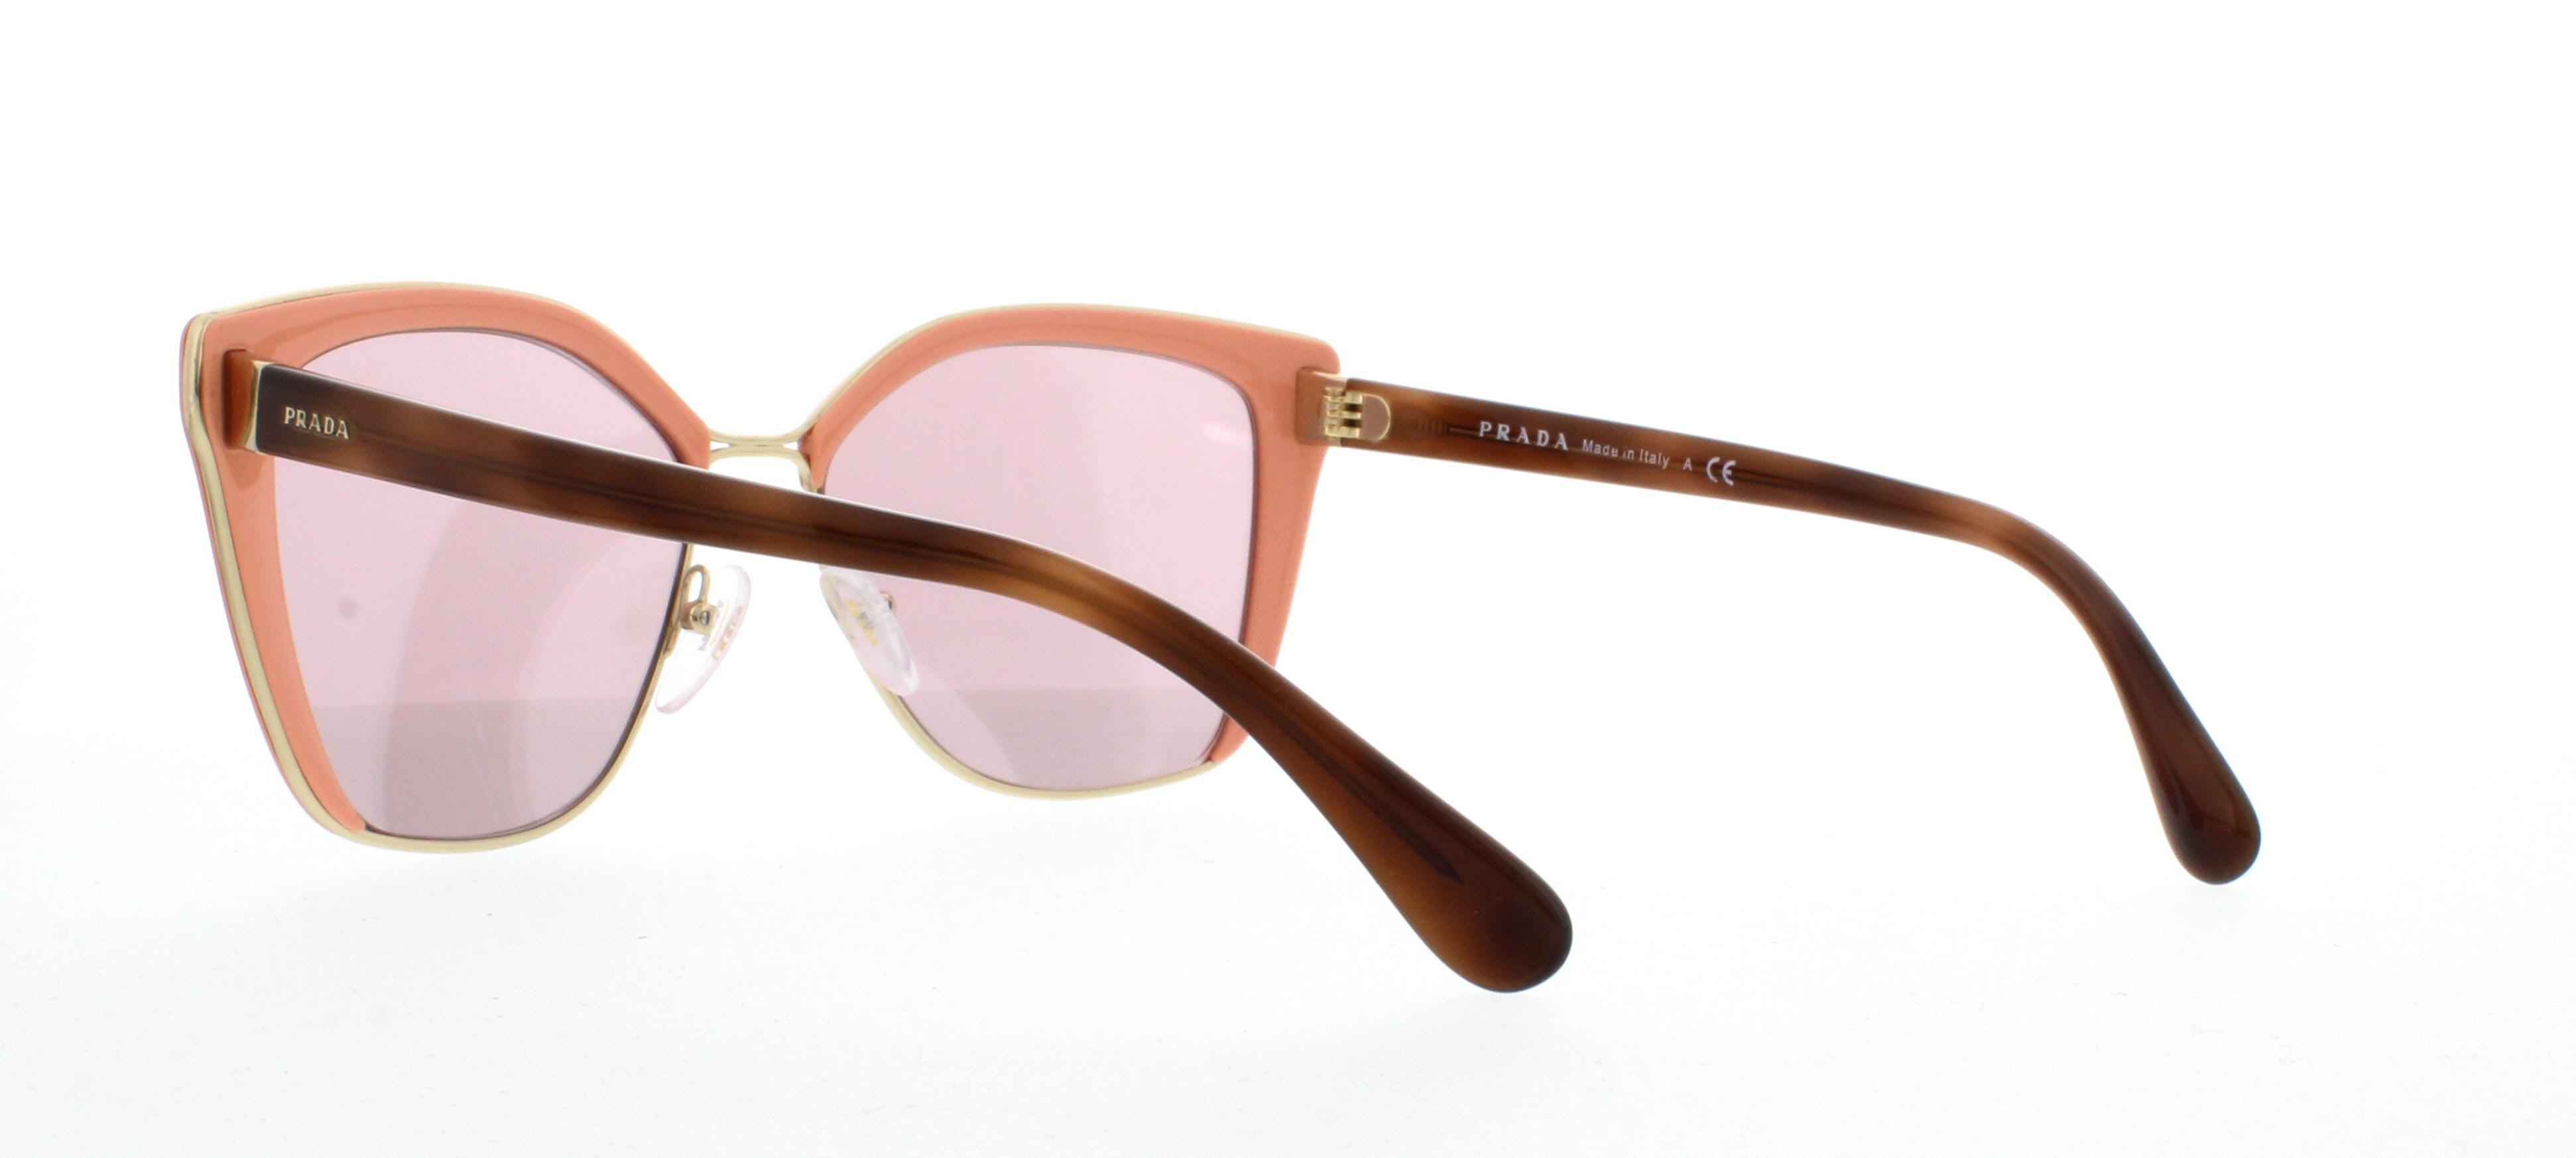 f6faf5fce37 release date prada sunglasses 50ts 2au3d0 havana brown gradient ...